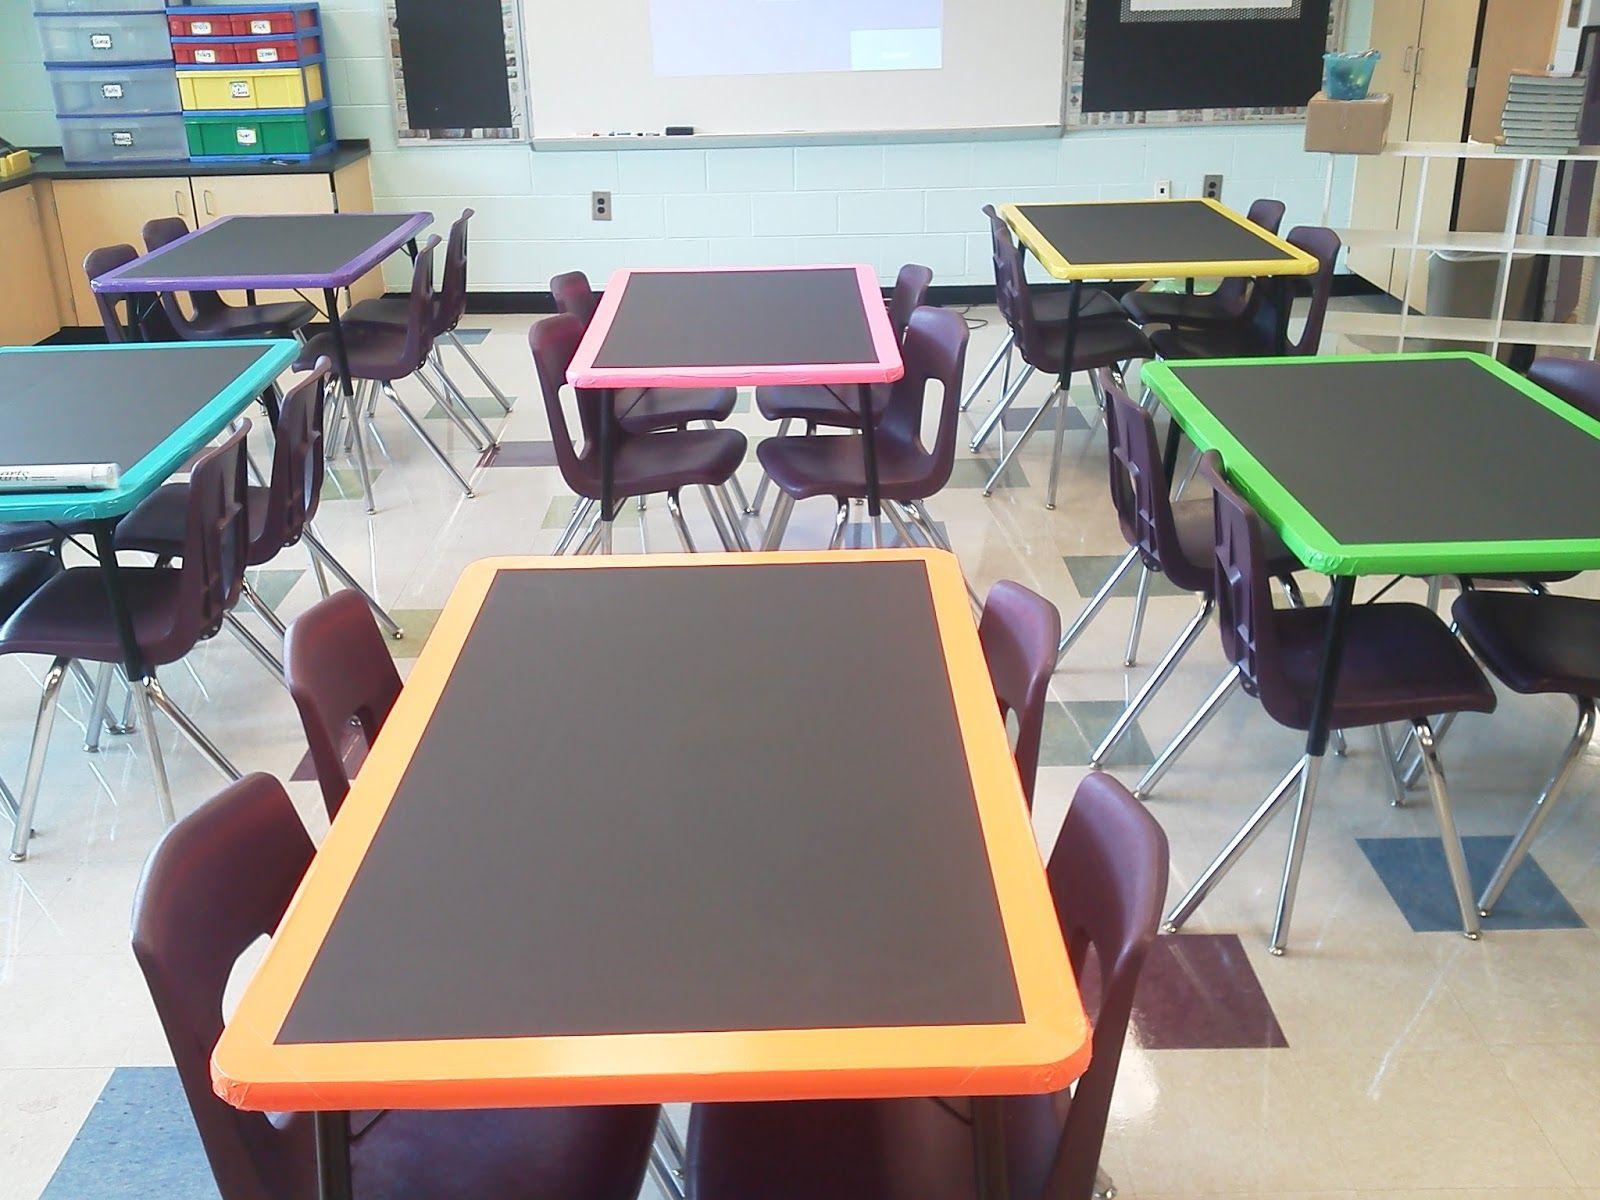 Technology : Chalkboard Tables